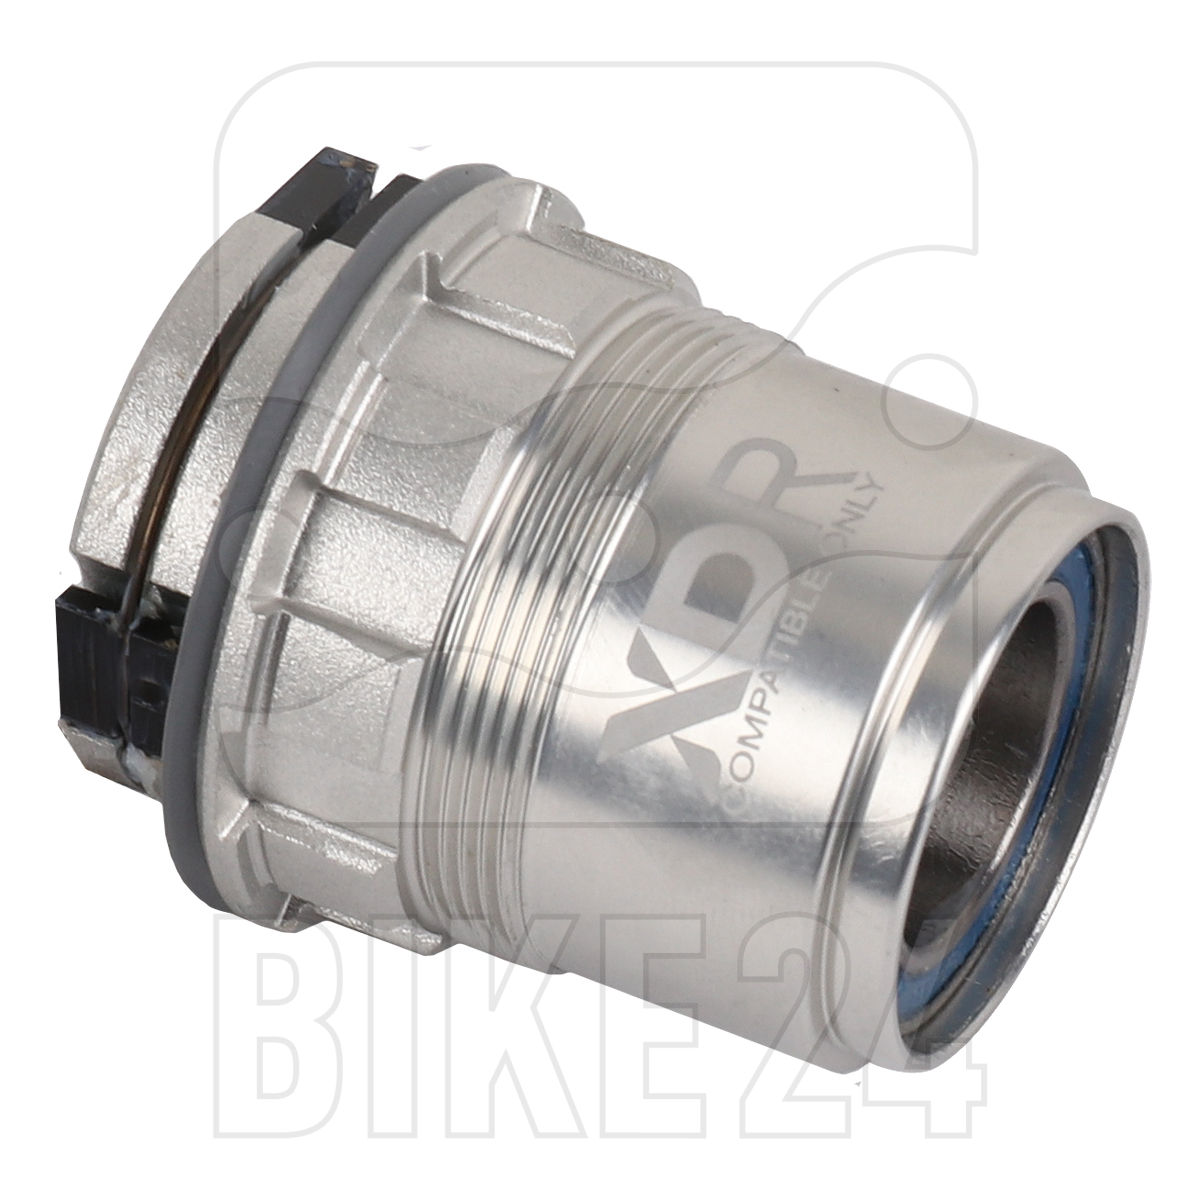 Campagnolo FH-BU020XDR Freewheel Body for SRAM XDR 11/12-speed